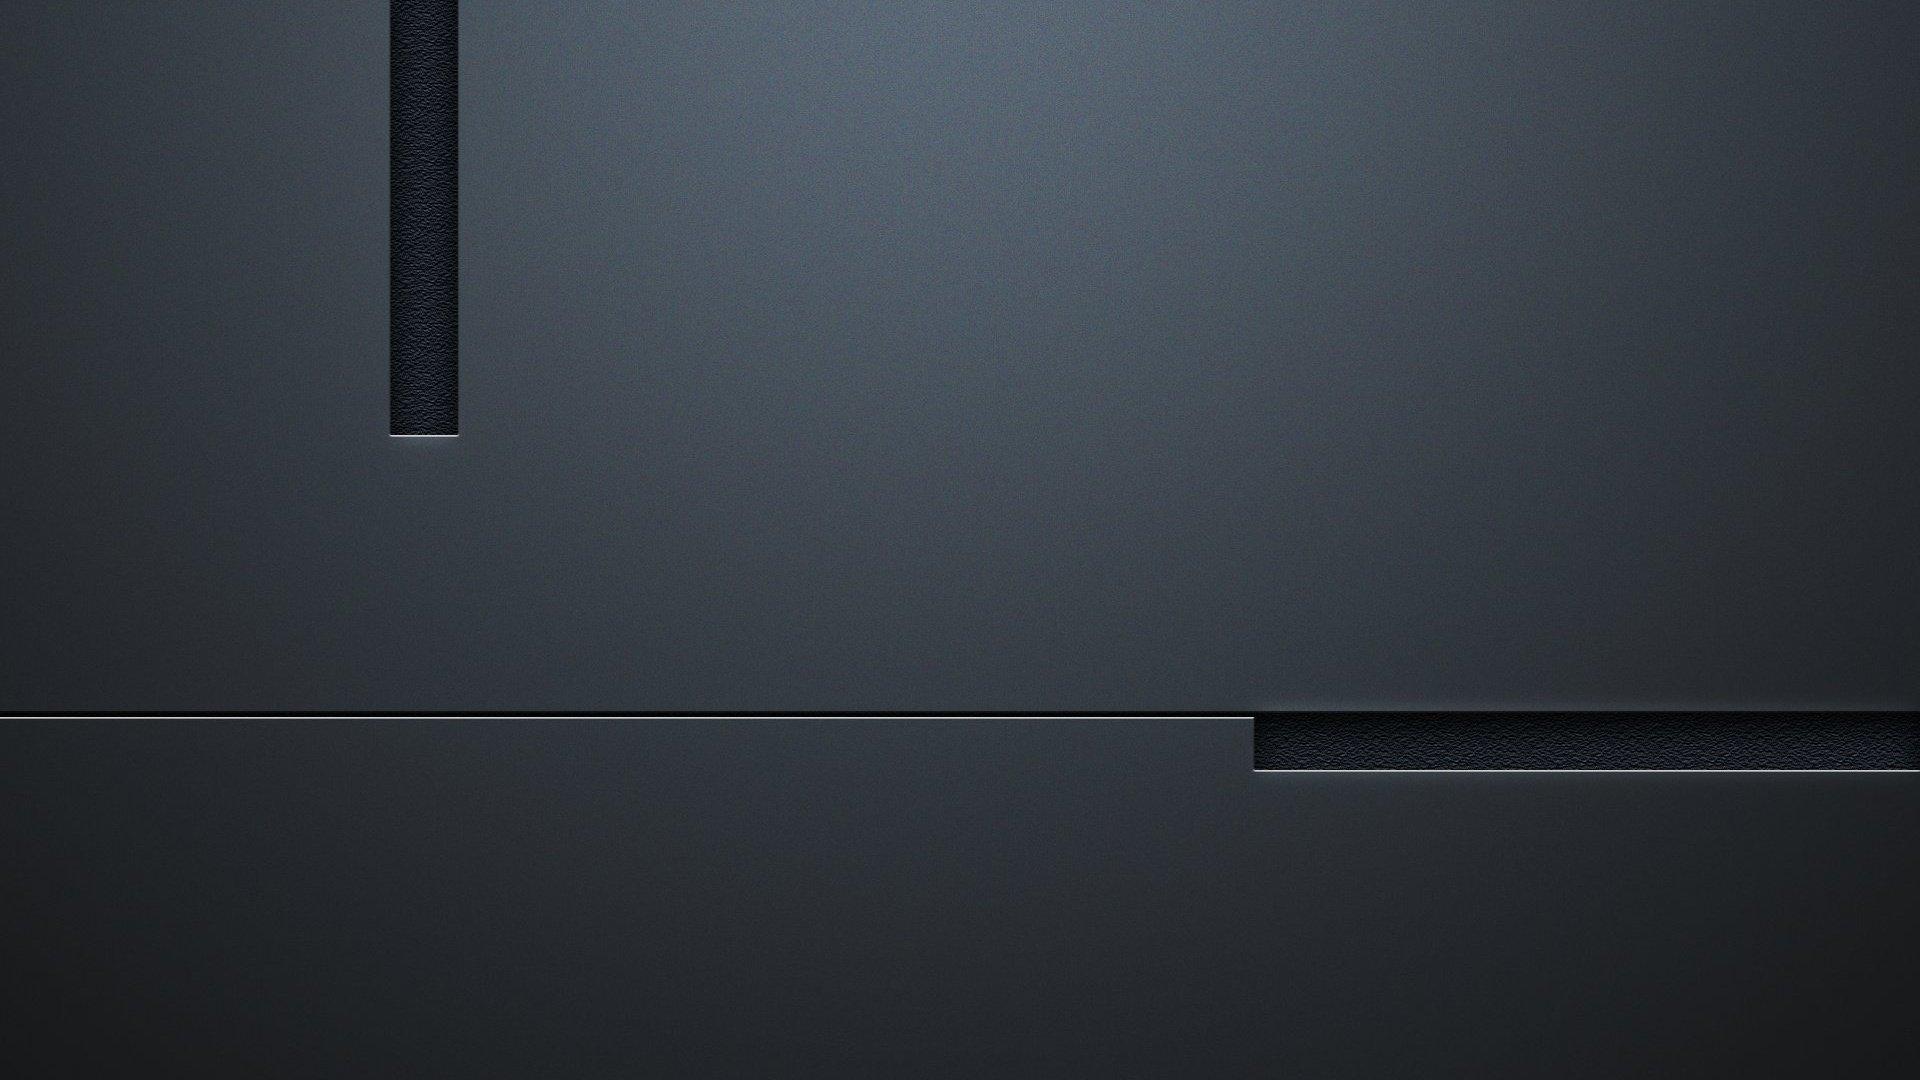 текстуры серый линии без регистрации